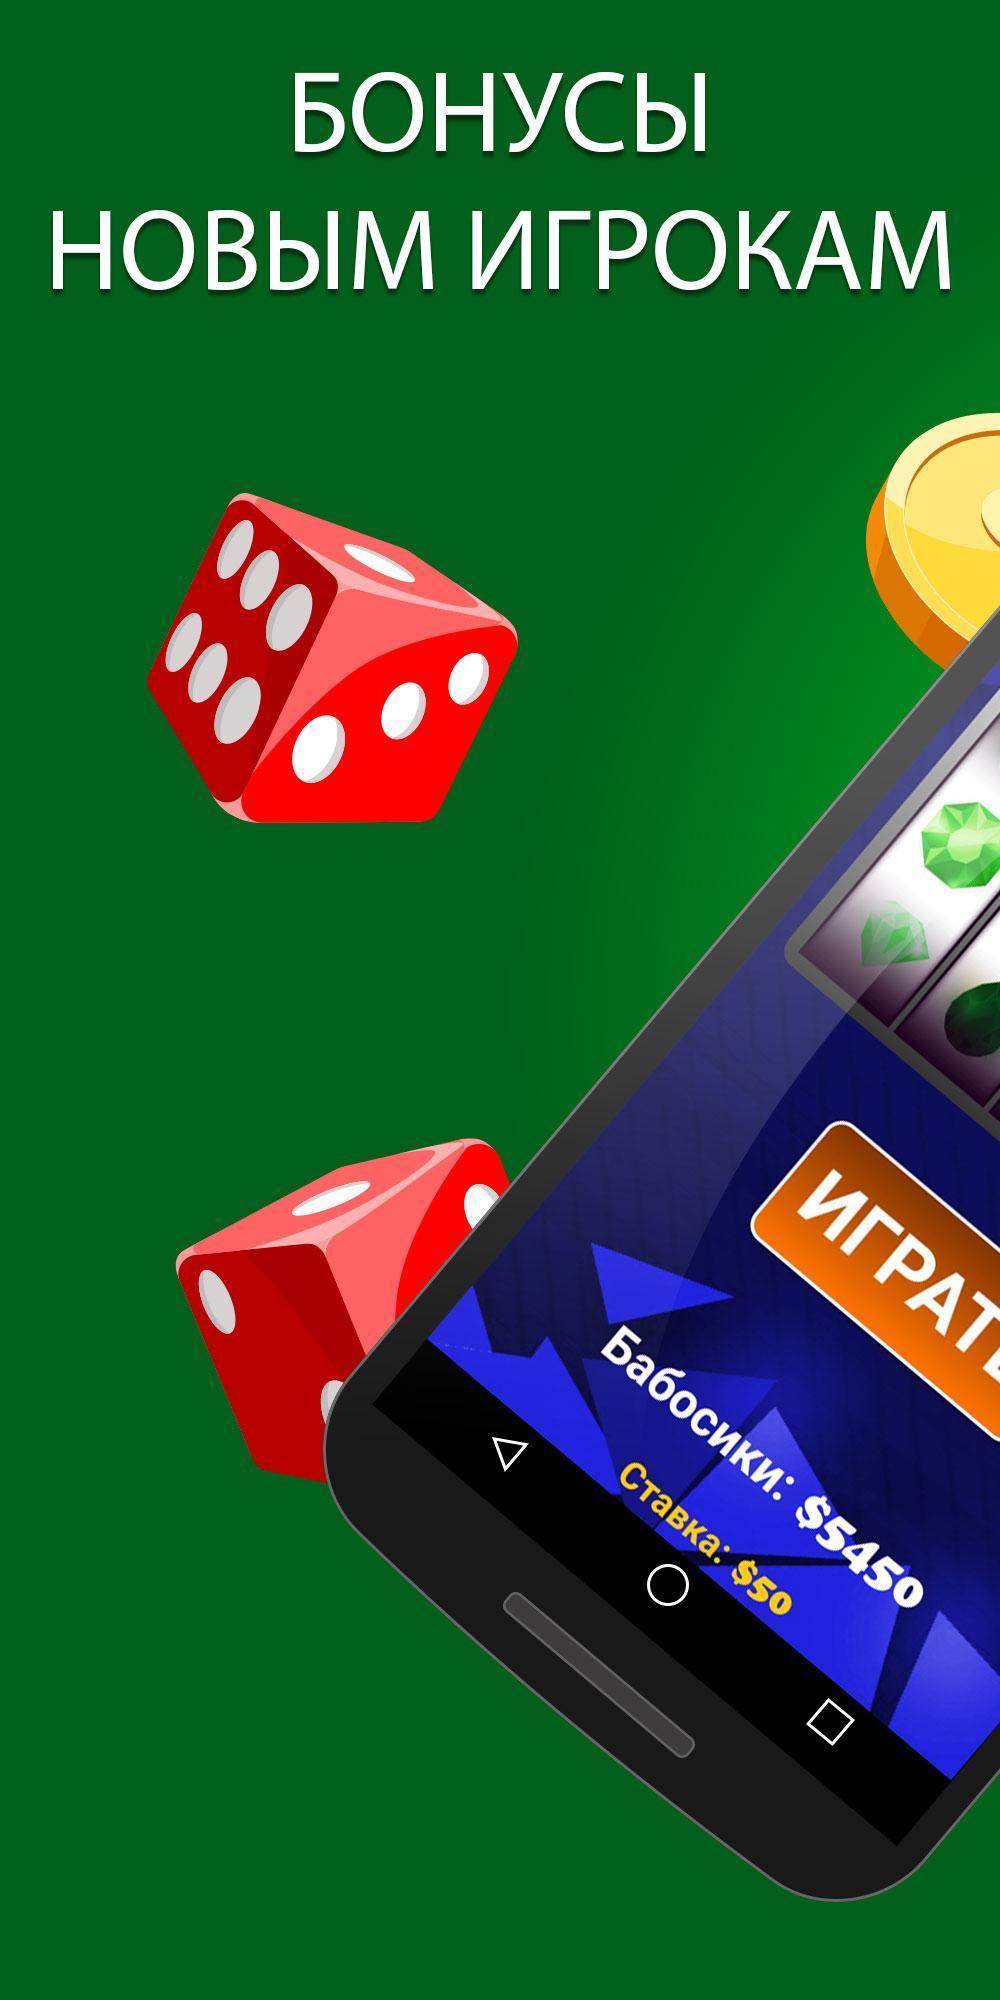 Клуб играть в казино 777 казино вулкан демо игра